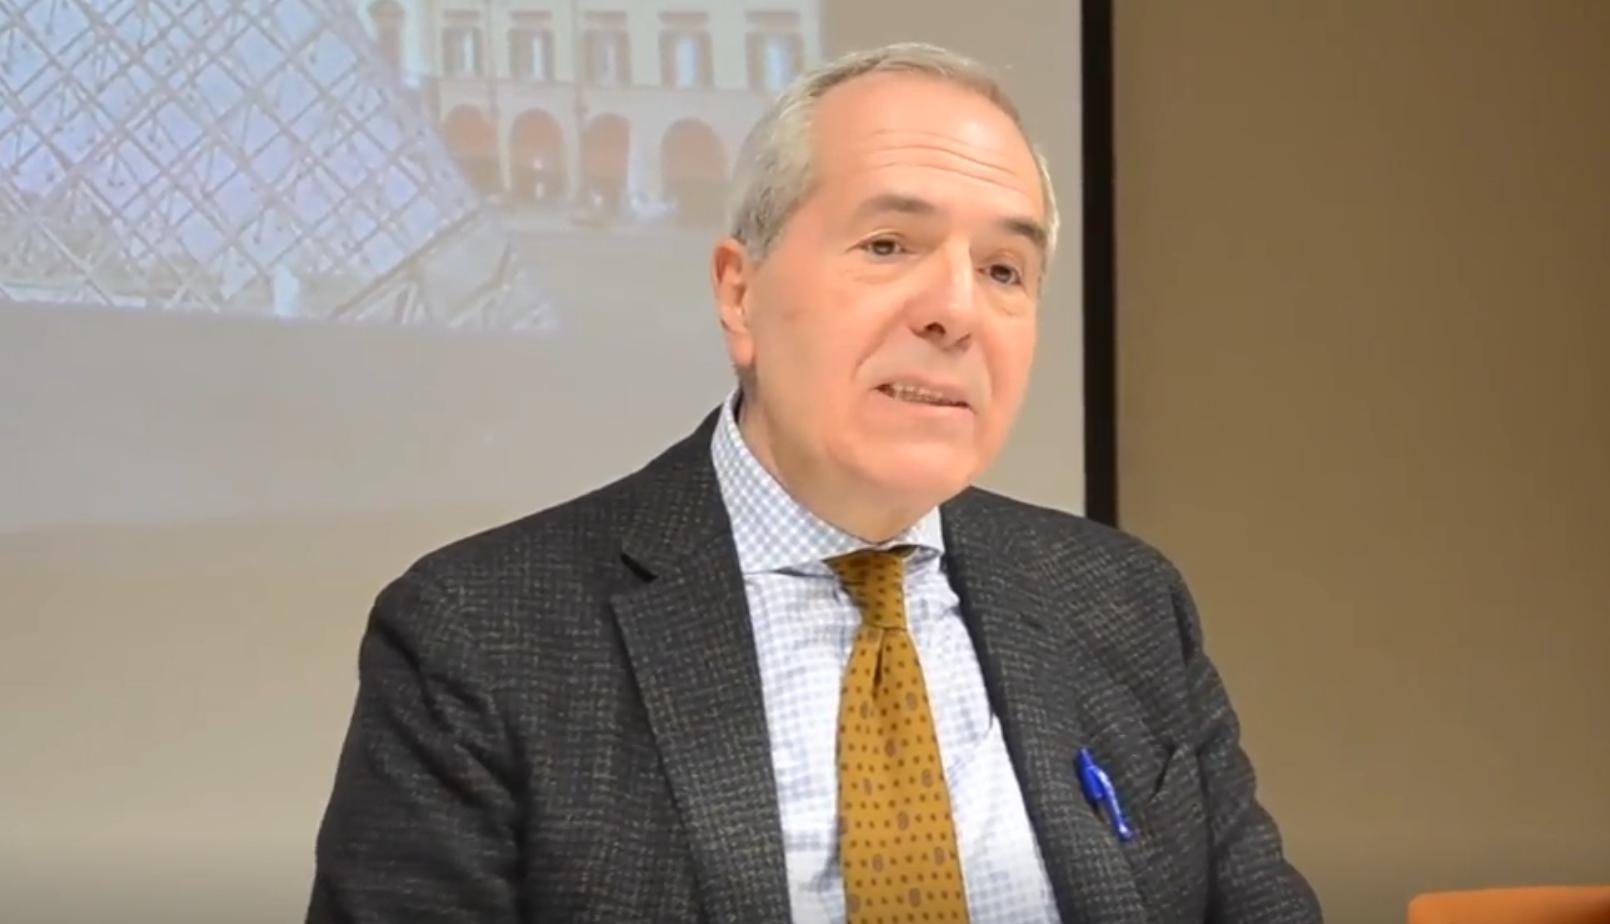 Giorgio Calderoni candidato sindaco per il Pd